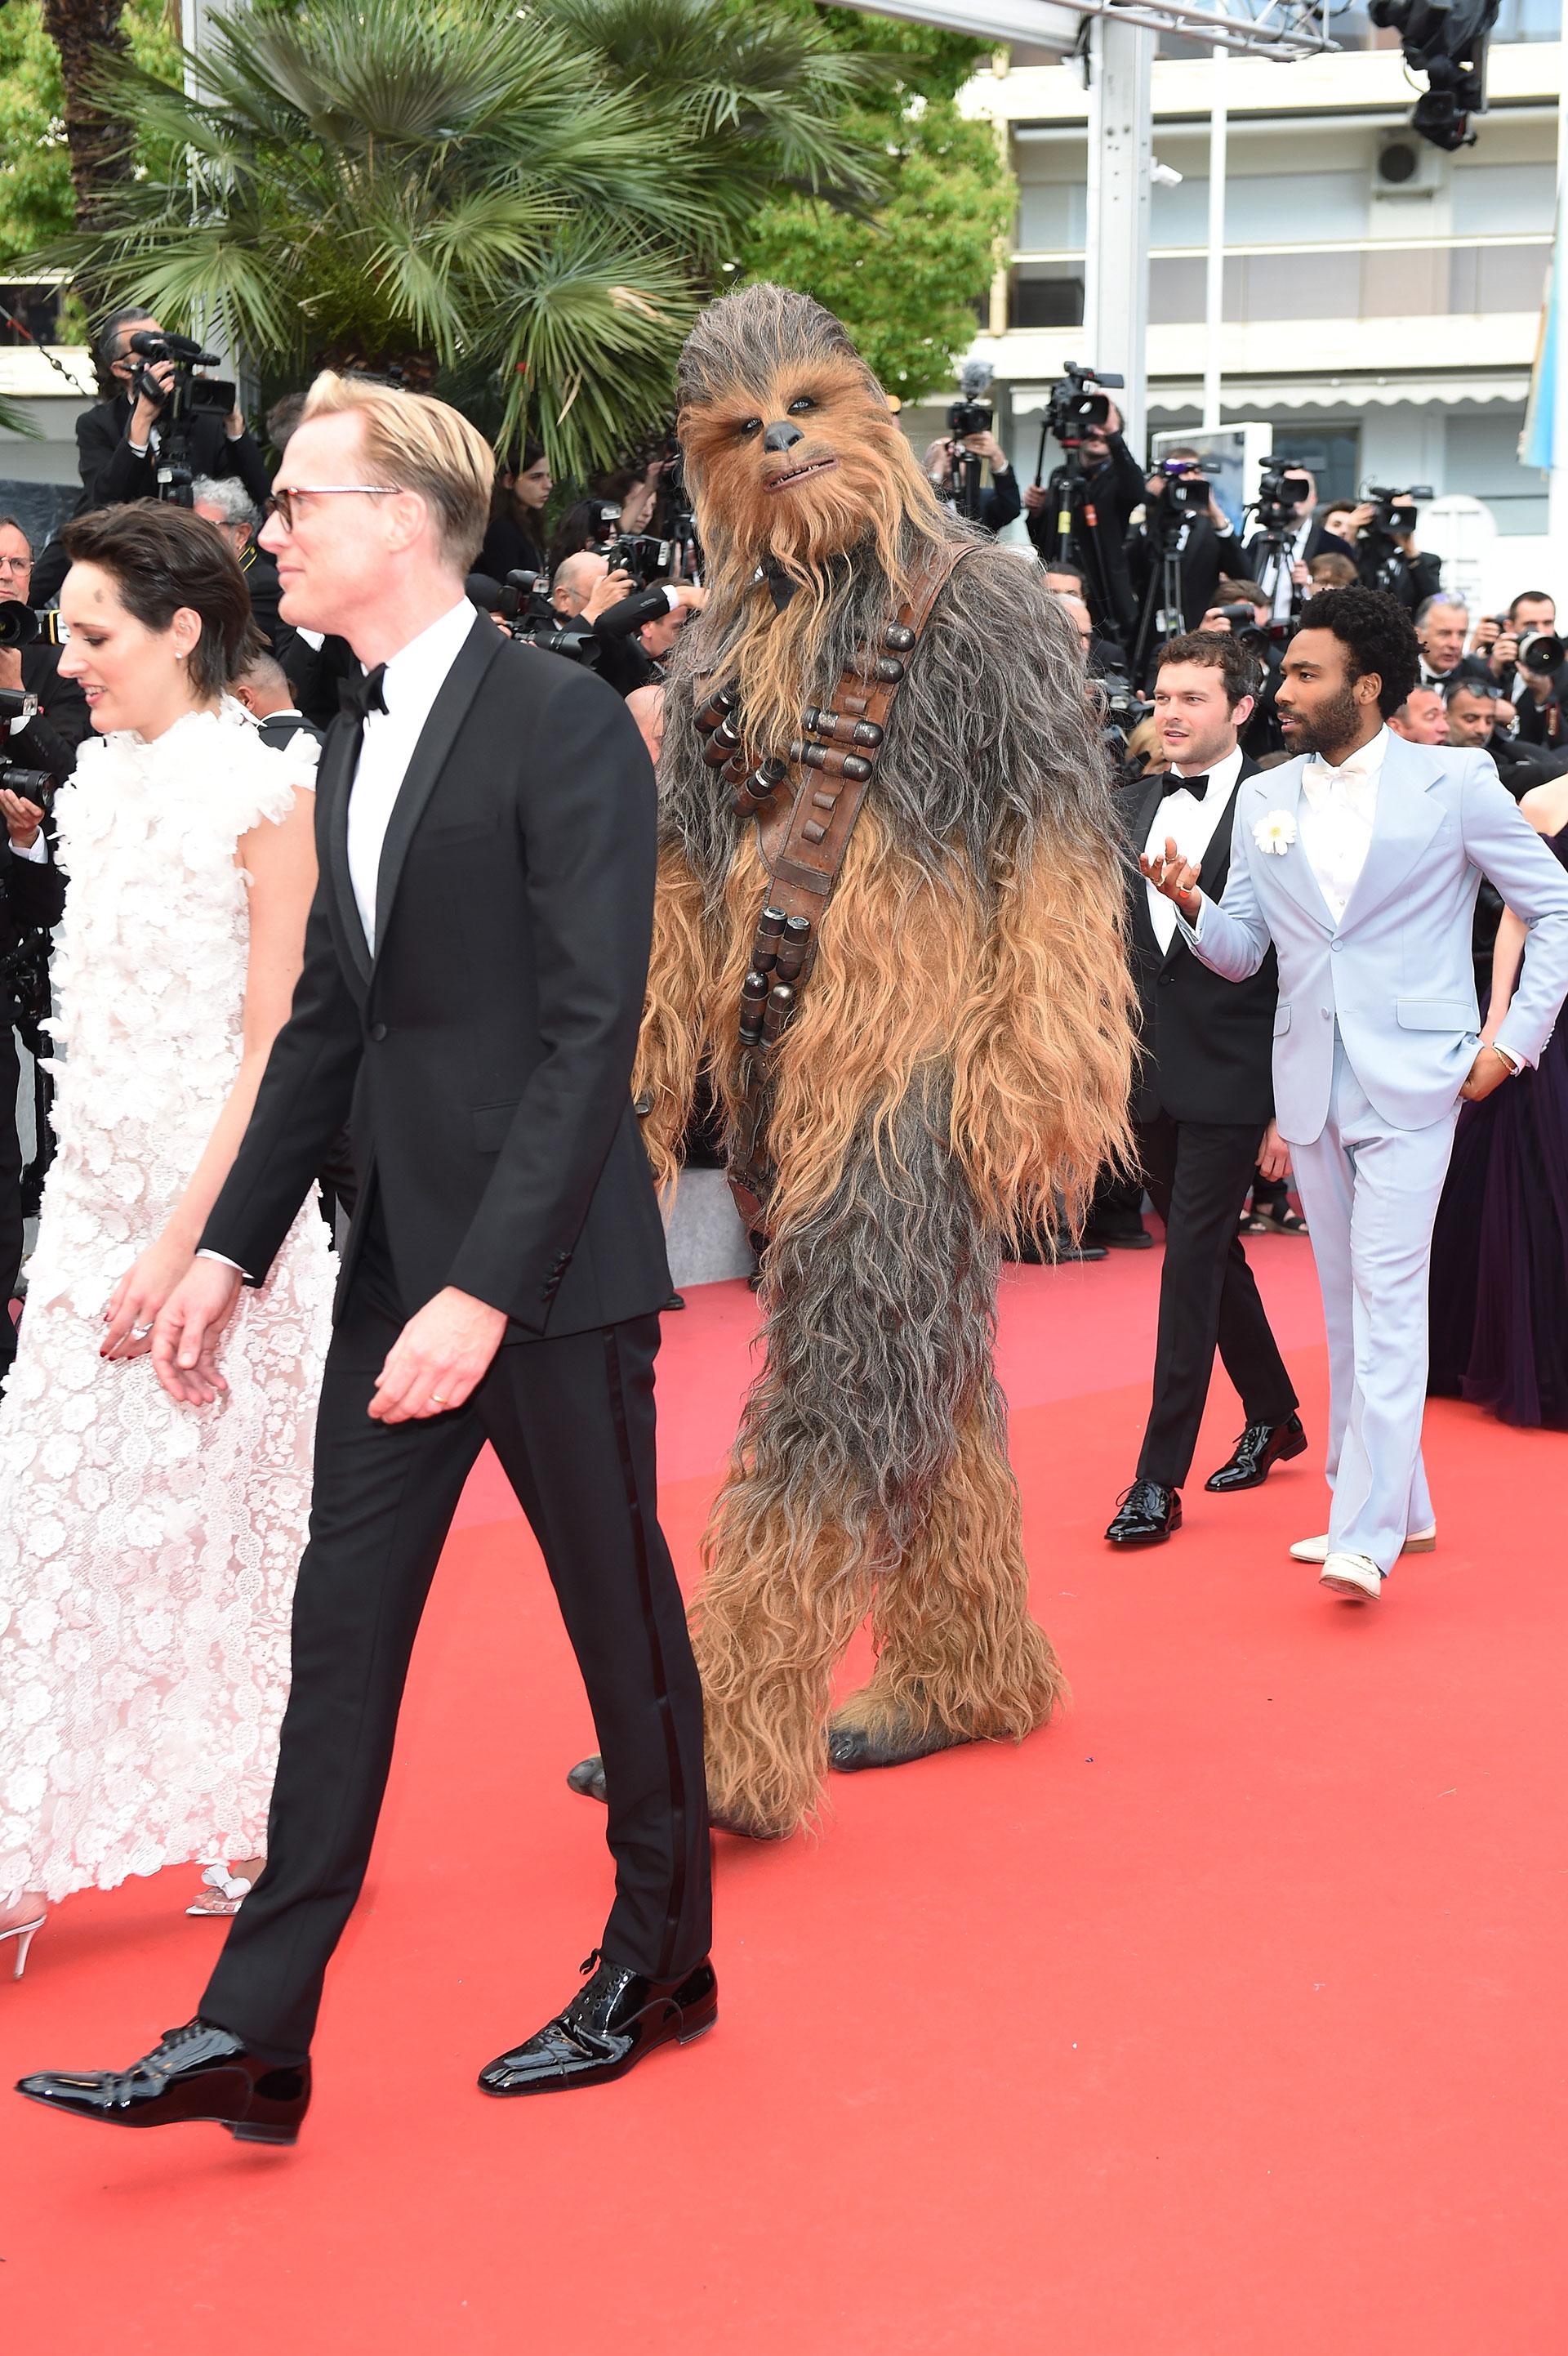 Phoebe Waller Bridge, Paul Bettany, Chewbacca, Donald Glover y Alder Ehrenreich en la premier de Han Solo: una historia de Star Wars en Cannes. (Foto by Antony Jones/Getty Images for Disney)